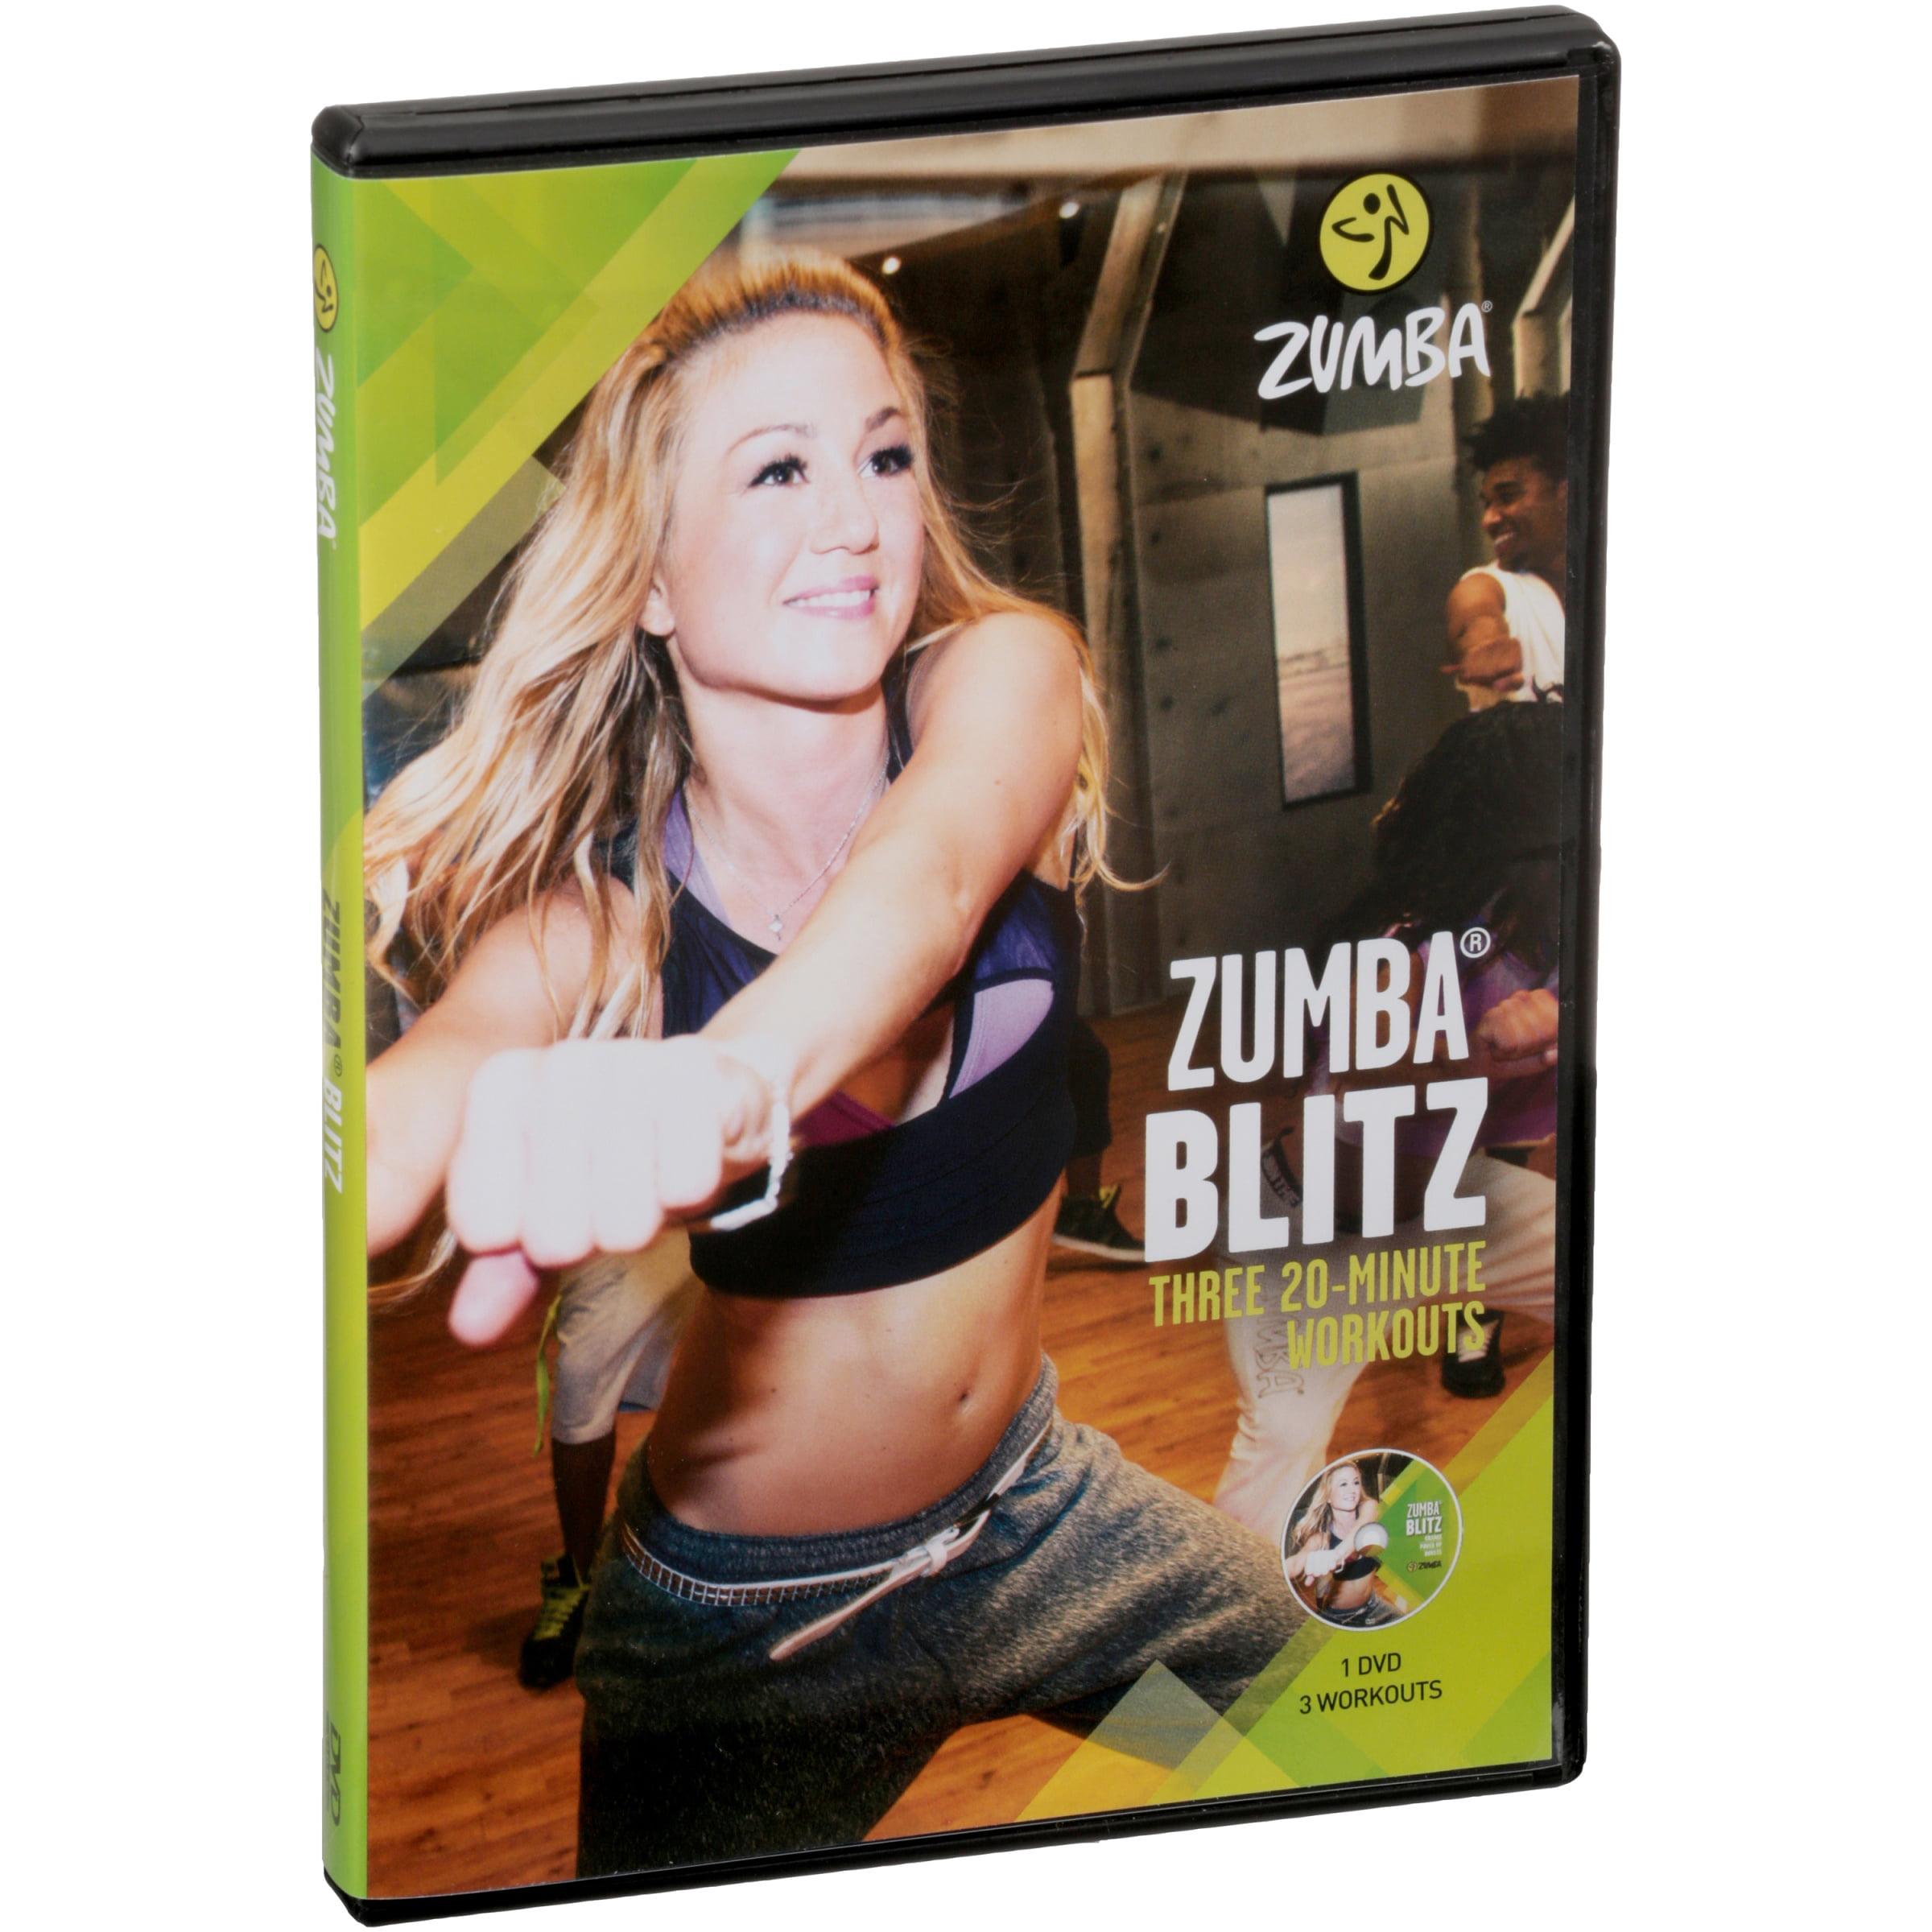 Zumba Blitz Workout DVD by Zumba Fitness, Llc